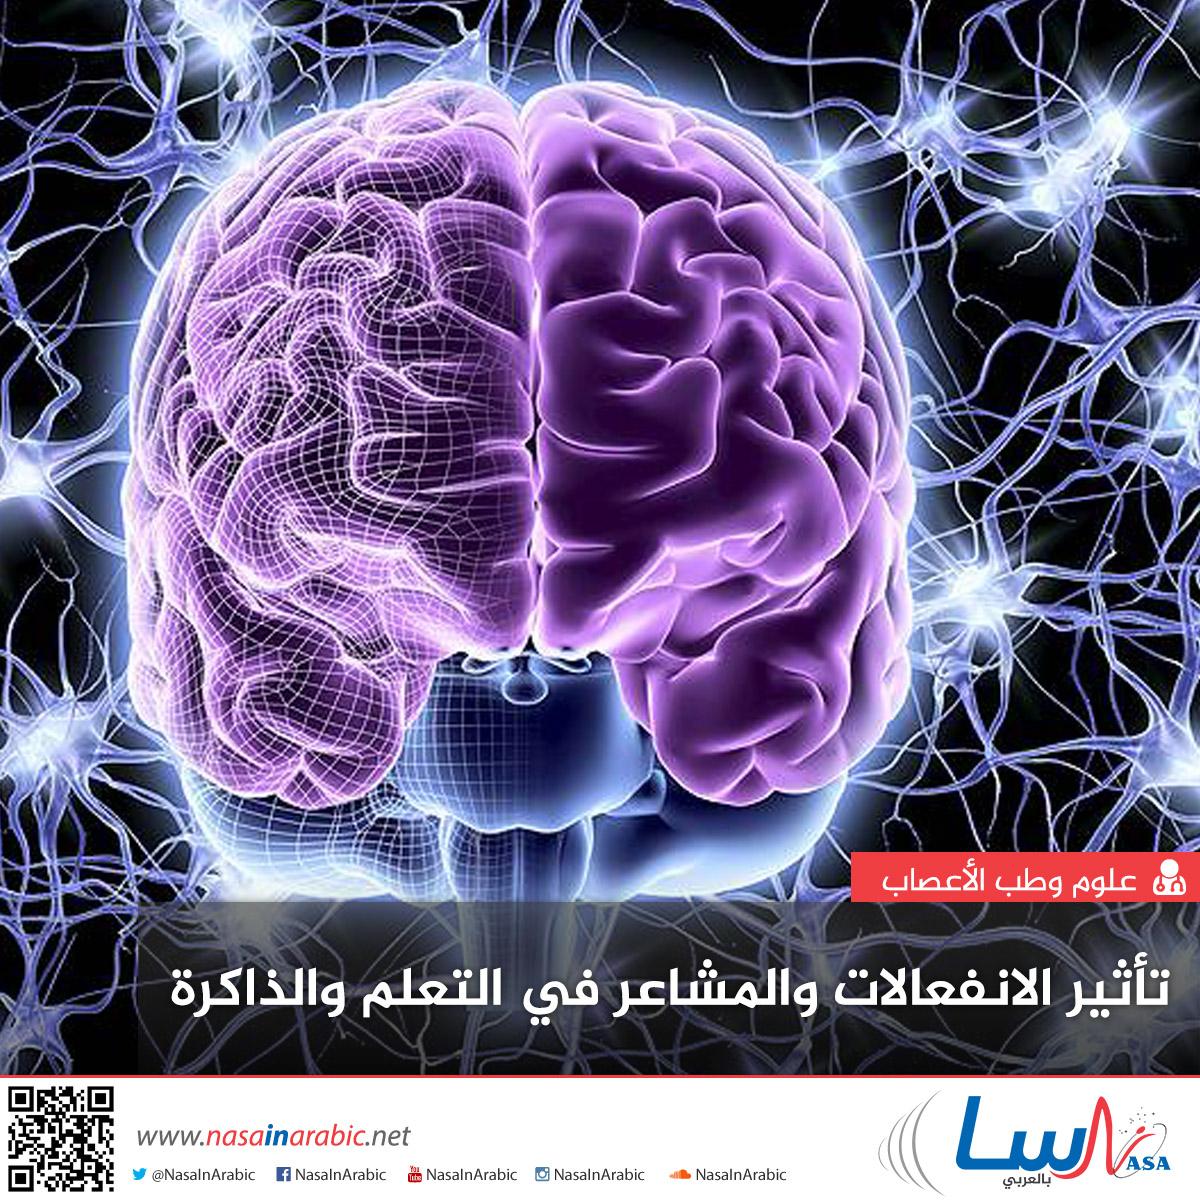 تأثير الانفعالات والمشاعر في التعلم والذاكرة